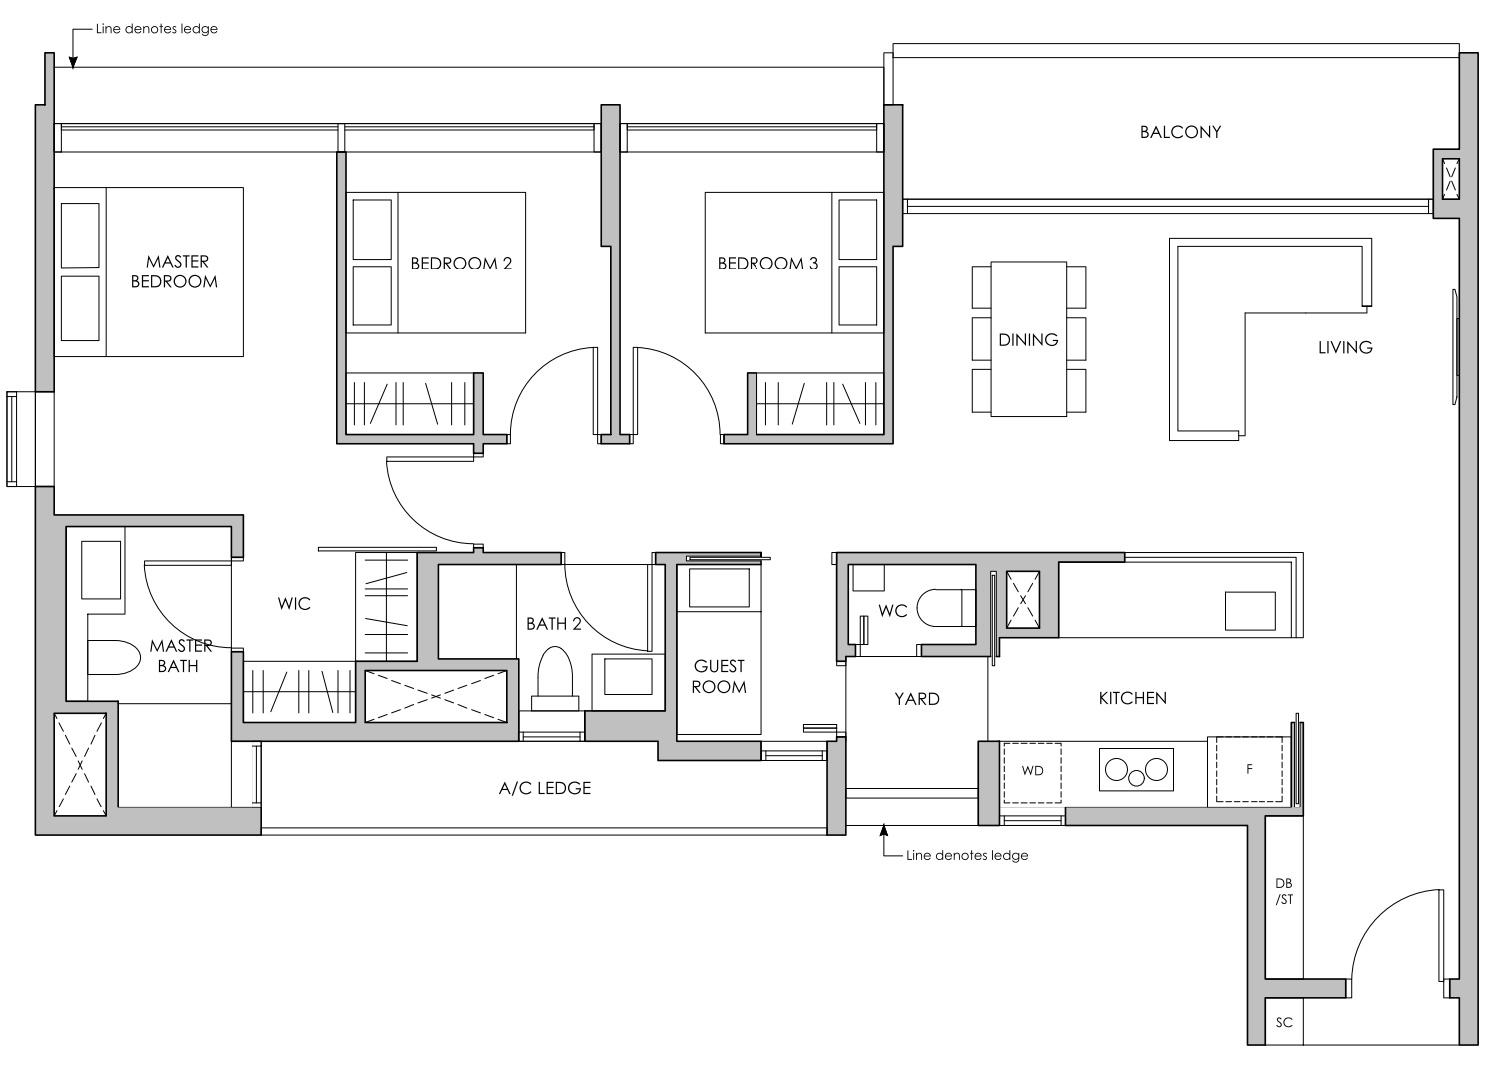 Pasir ris 8 floor plan 3 Bedroom